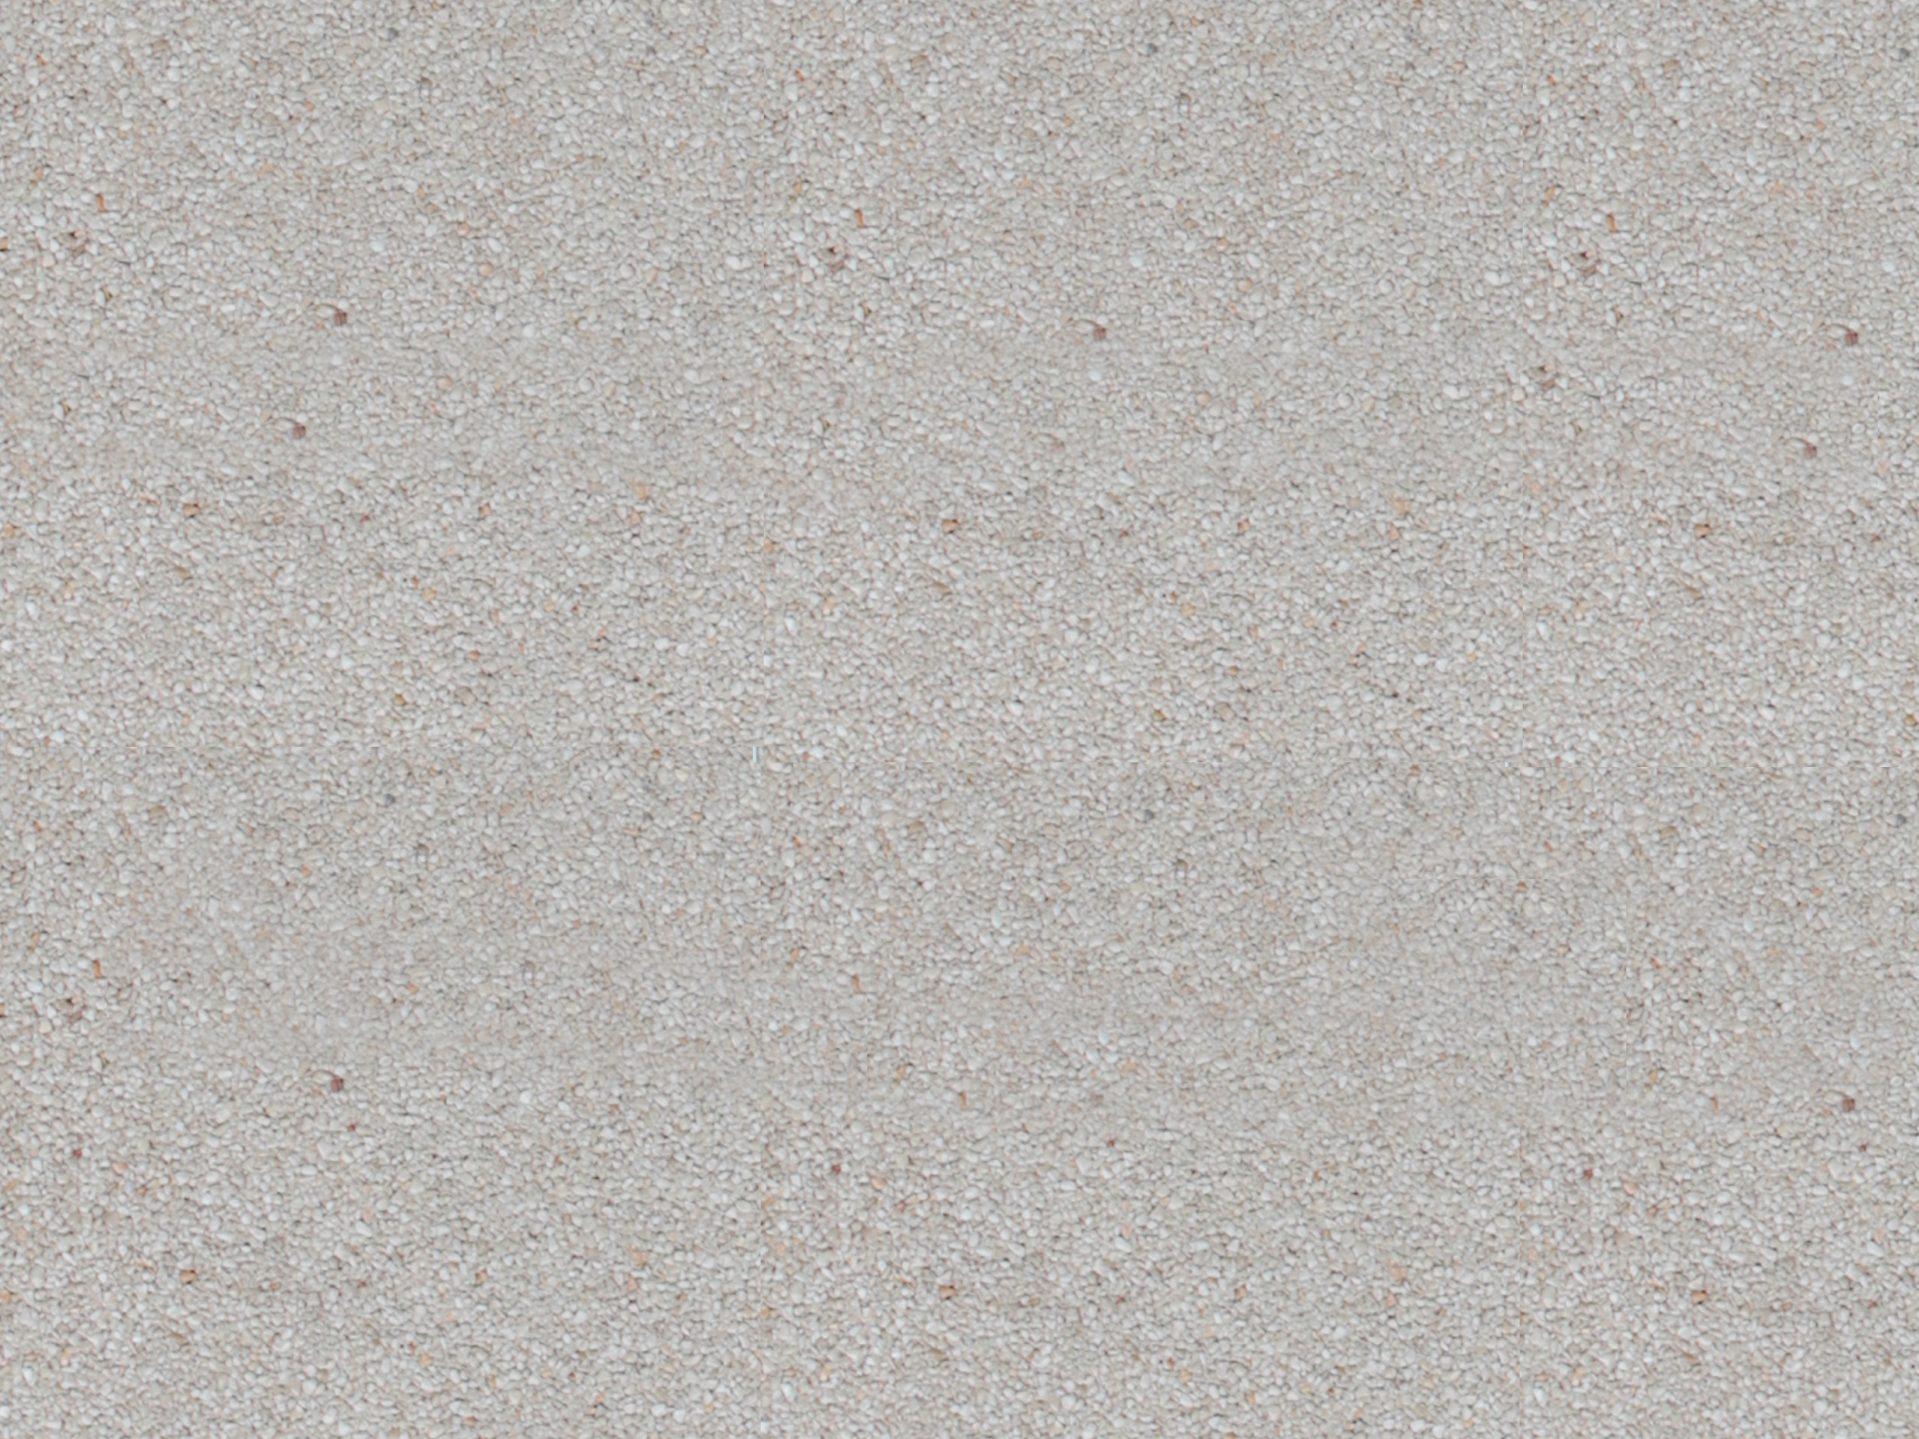 les marbres pour application resine pezzutto sable et gravier. Black Bedroom Furniture Sets. Home Design Ideas